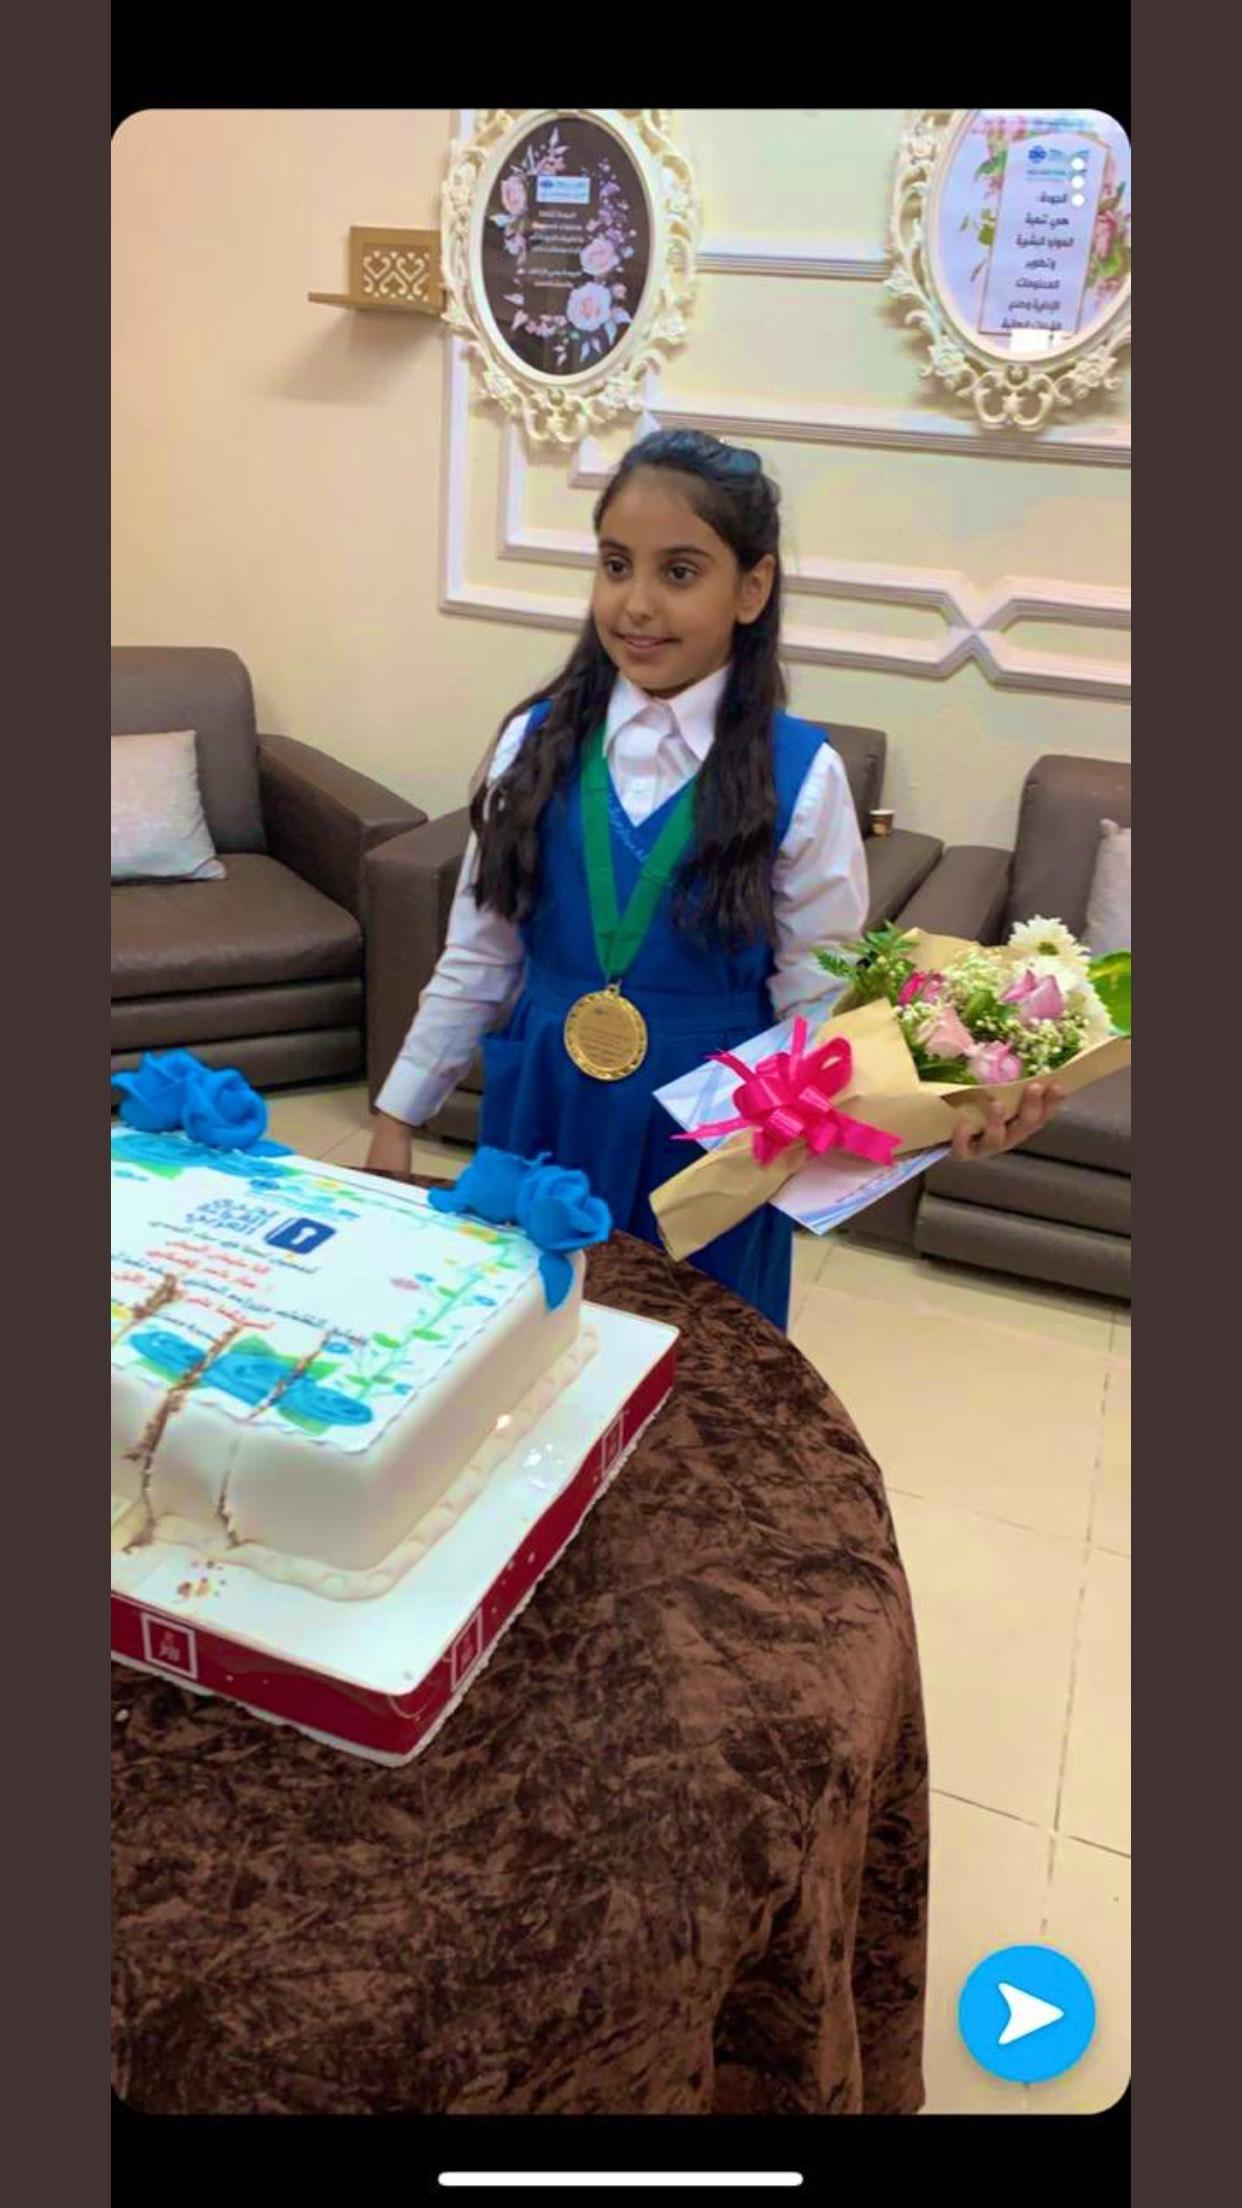 المركز الأول في مسابقة تحدي القراء العربي على مستوى الرياض .